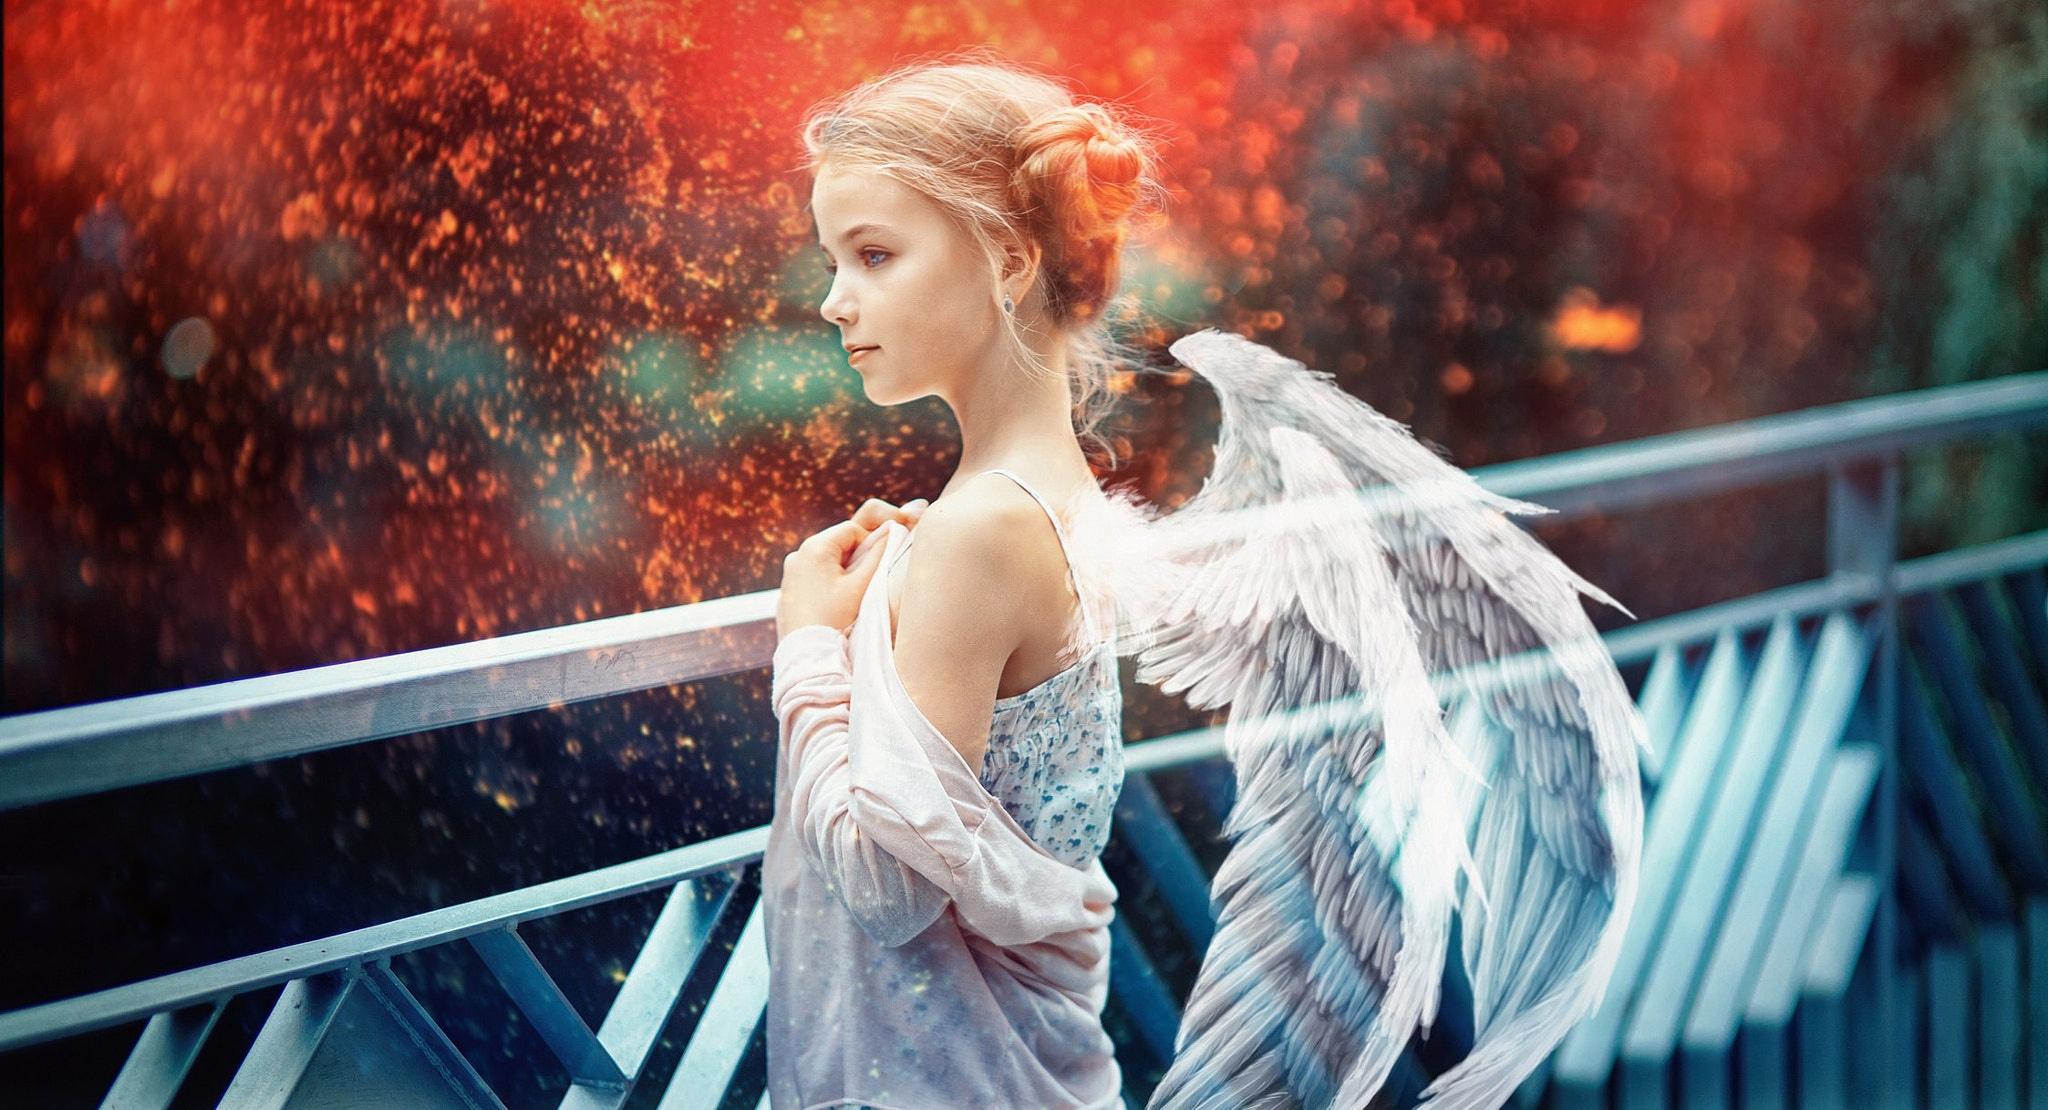 Картинки ангелов с крыльями красивые спиной